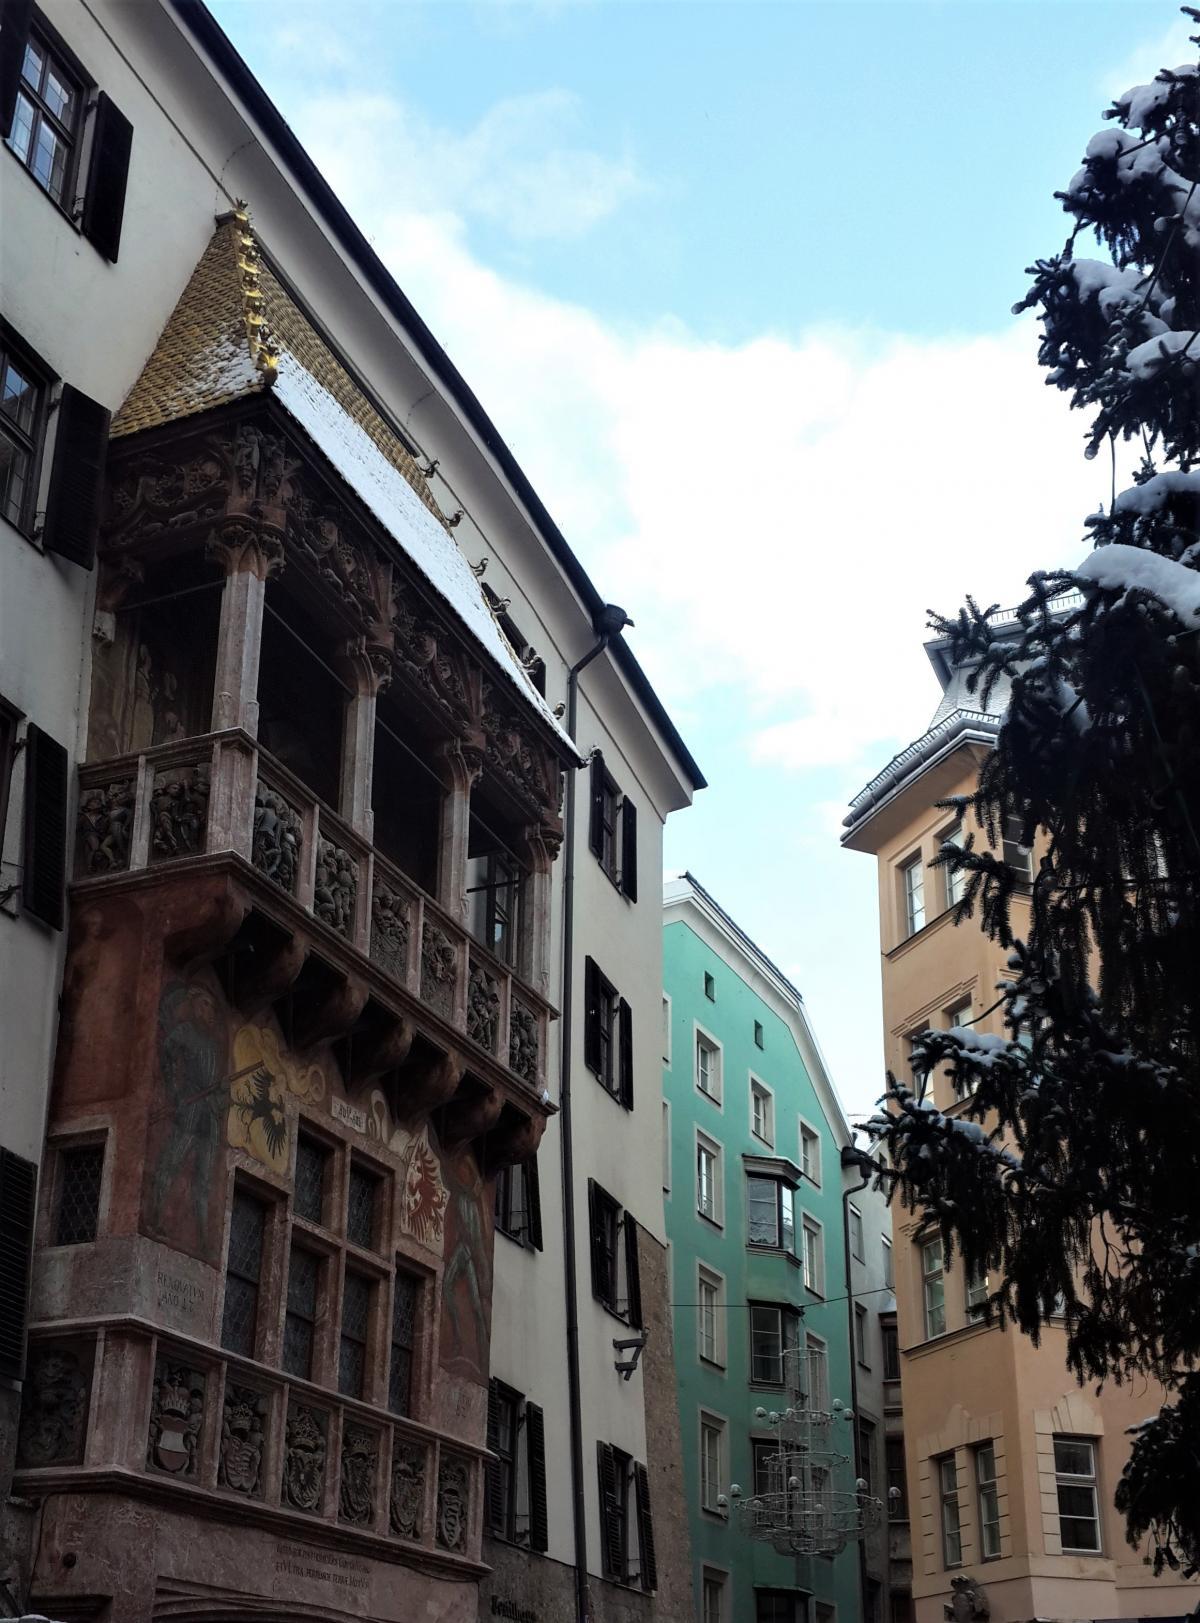 Балкон с золотой крышей в Инсбруке / Фото Марина Григоренко